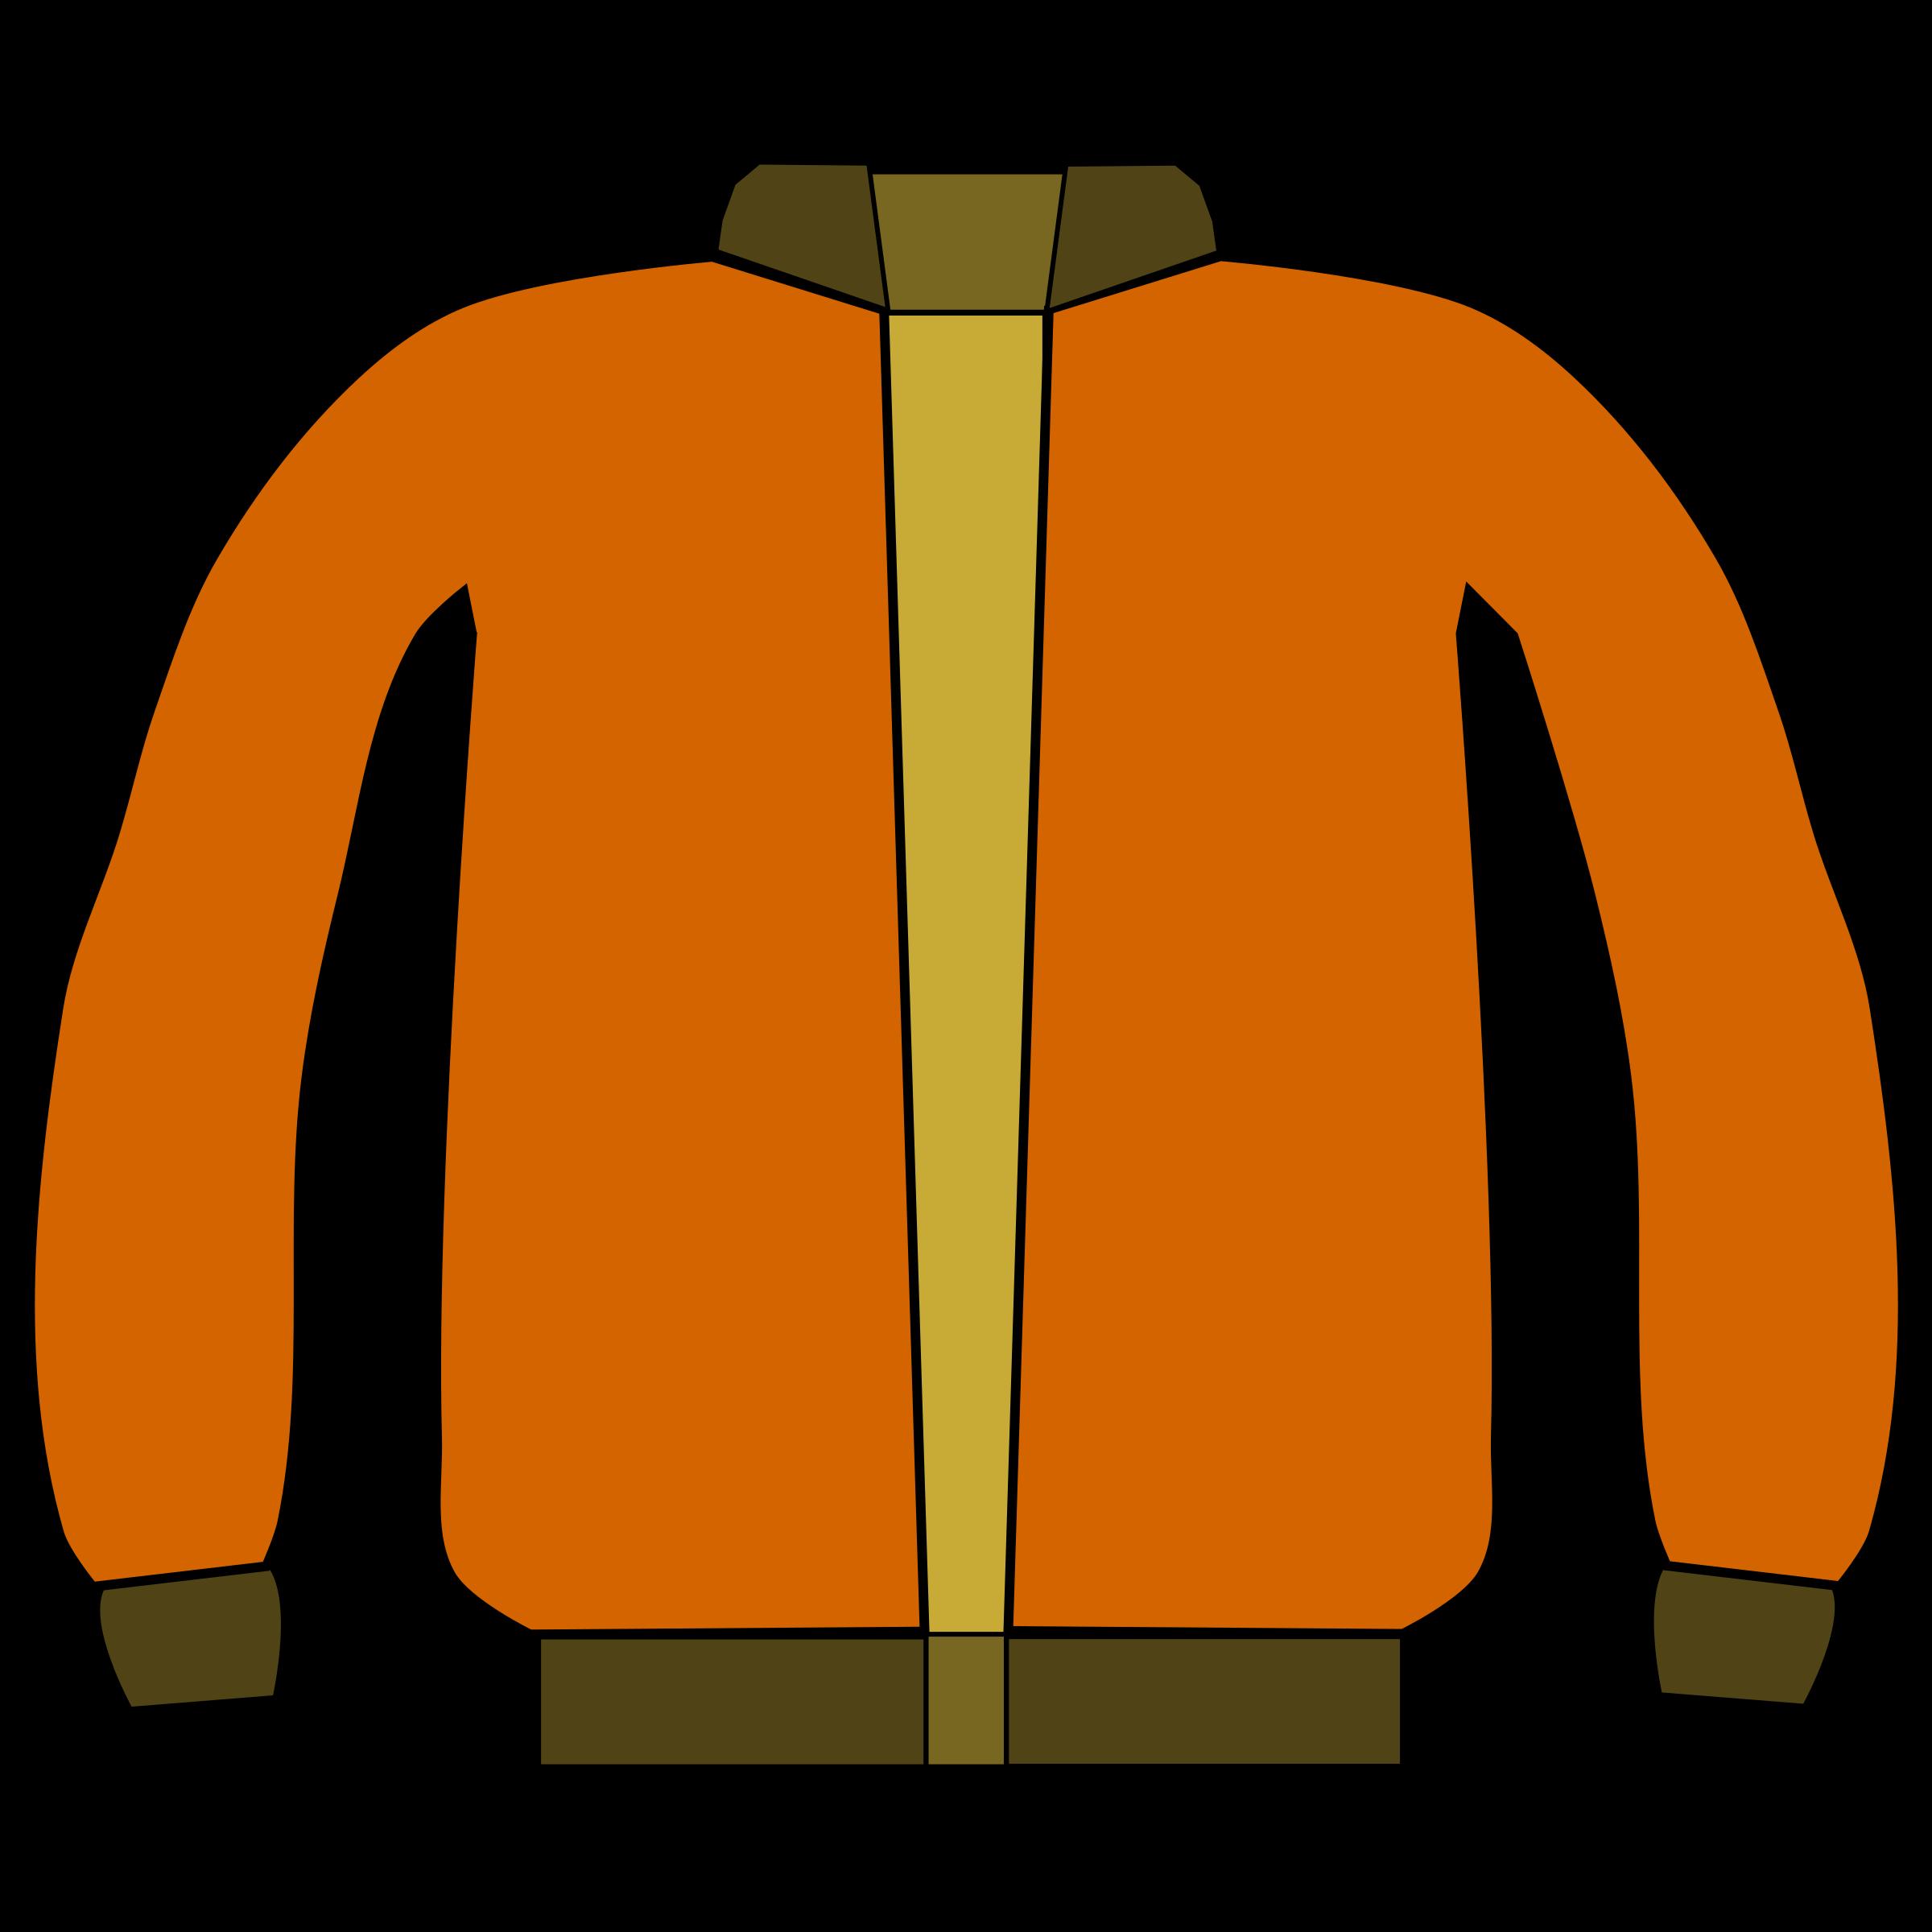 2400x2400 Clipart Jacket